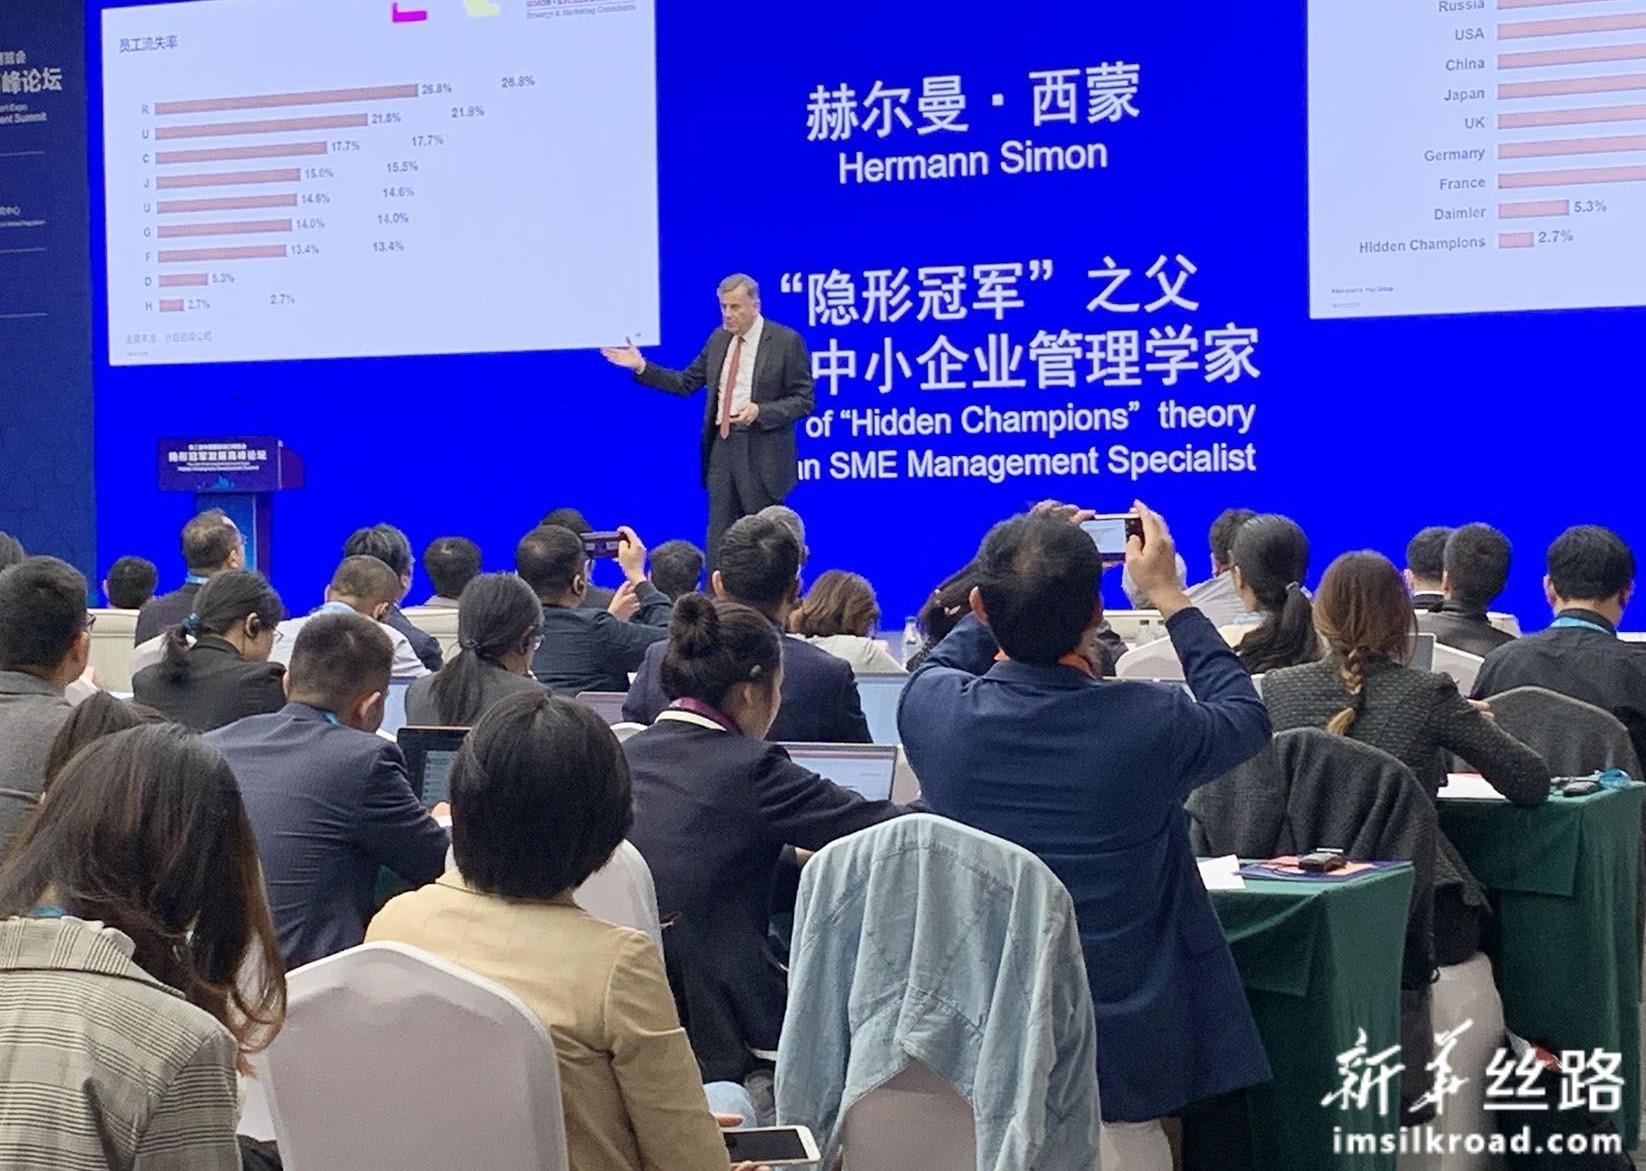 第二届中国国际进口博览会隐形冠军发展高峰论坛现场嘉宾